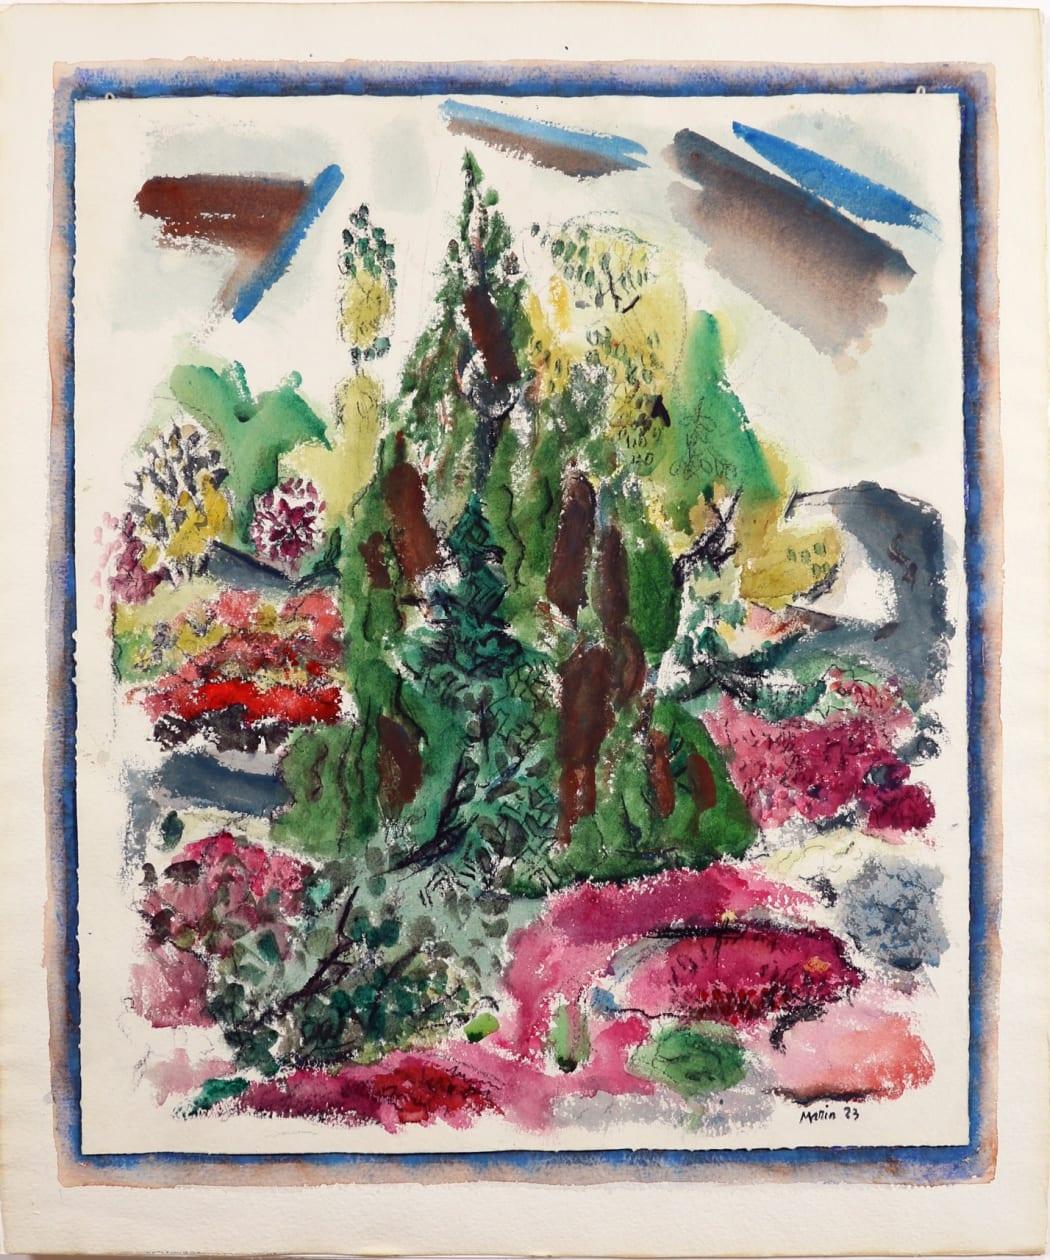 John Marin, Autumn, 1923